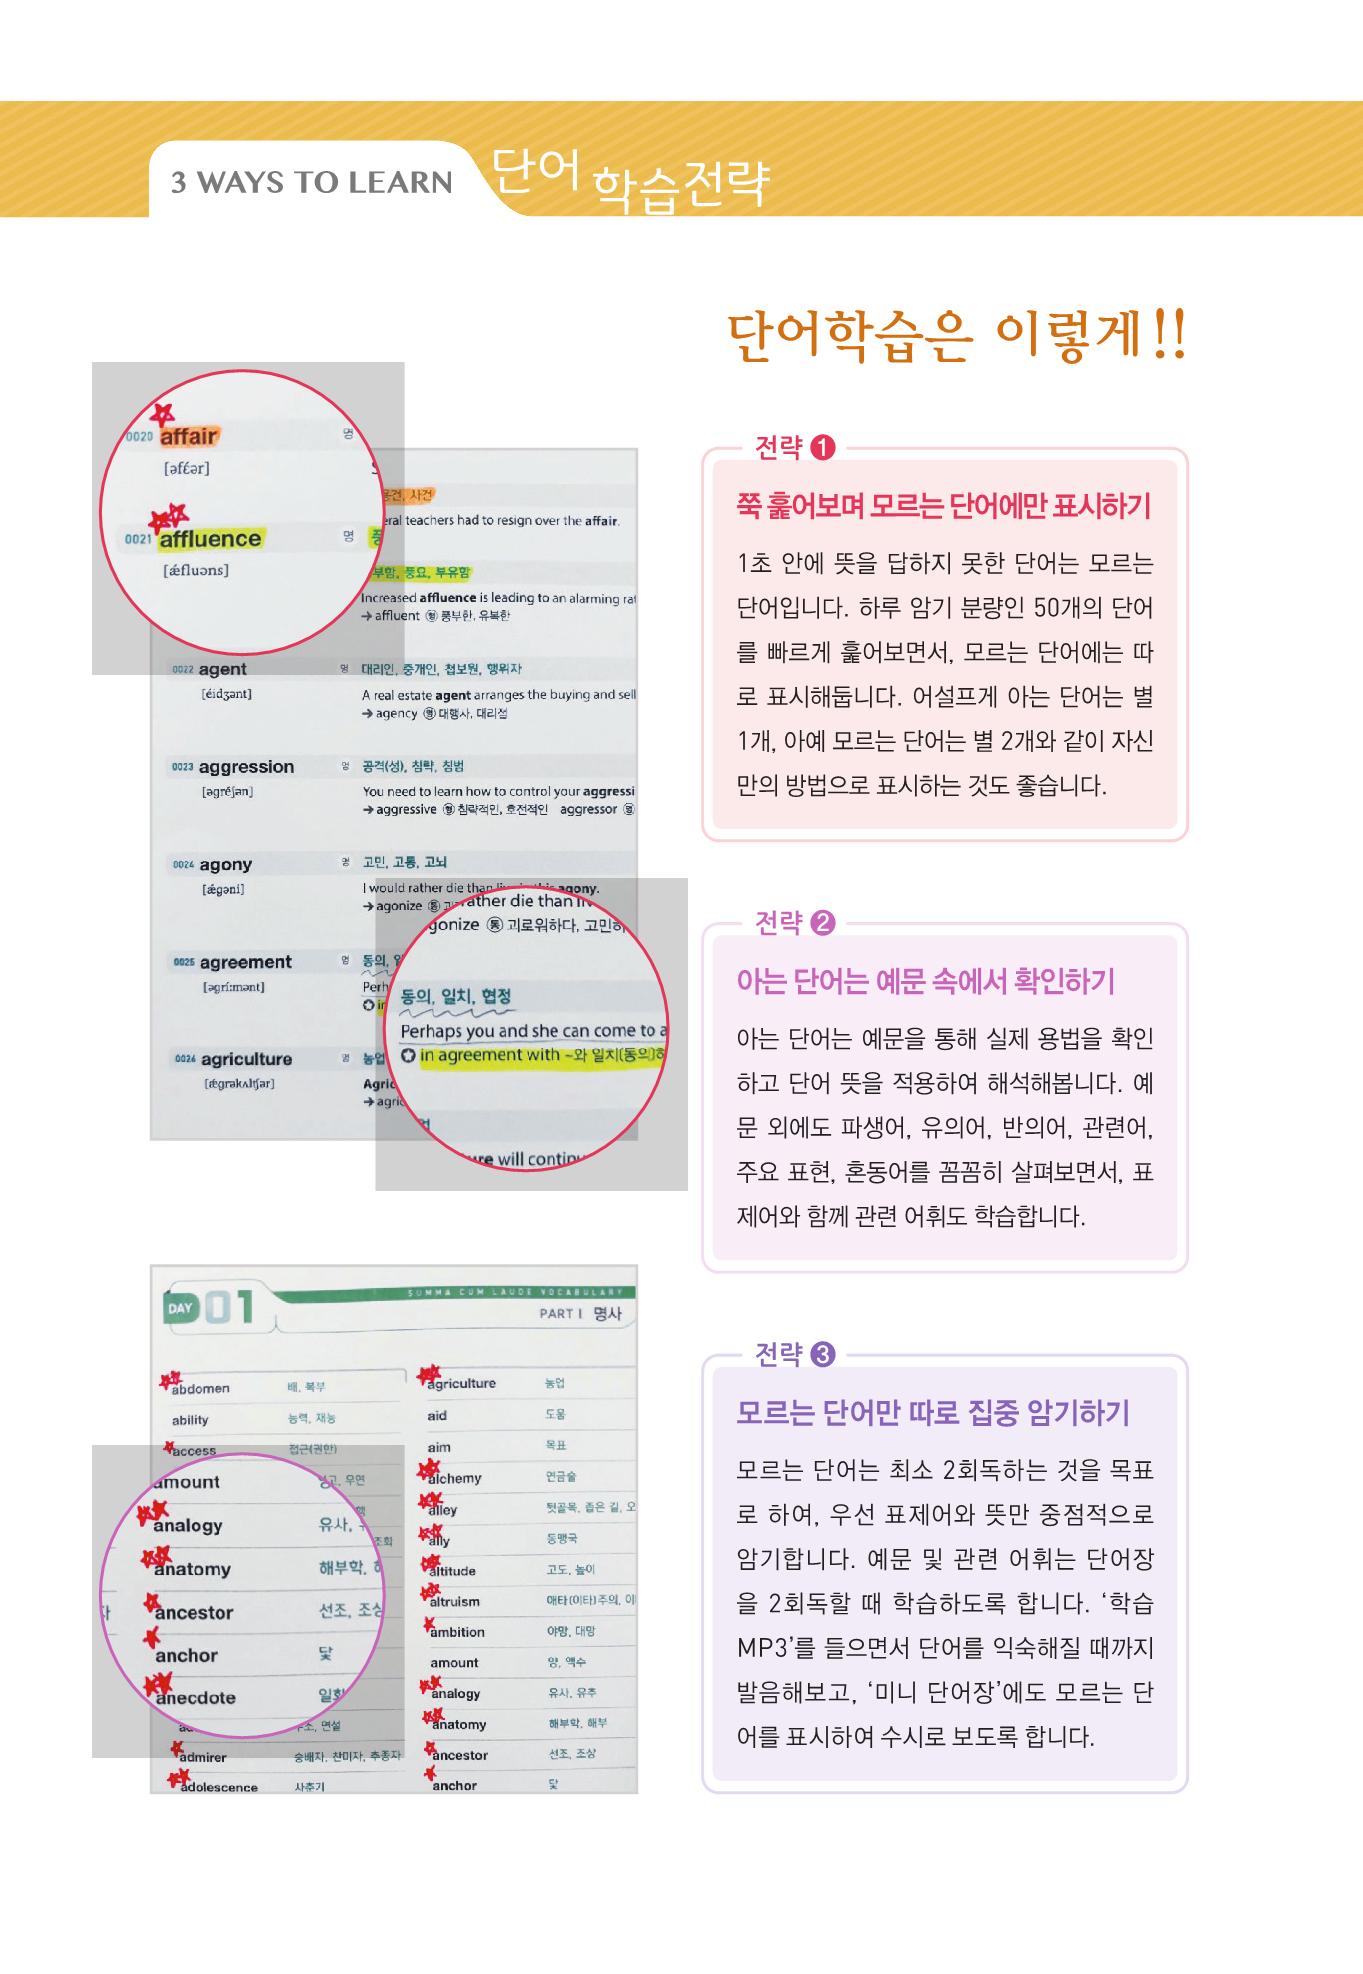 미리보기_숨마수능2000워드메뉴얼9.png